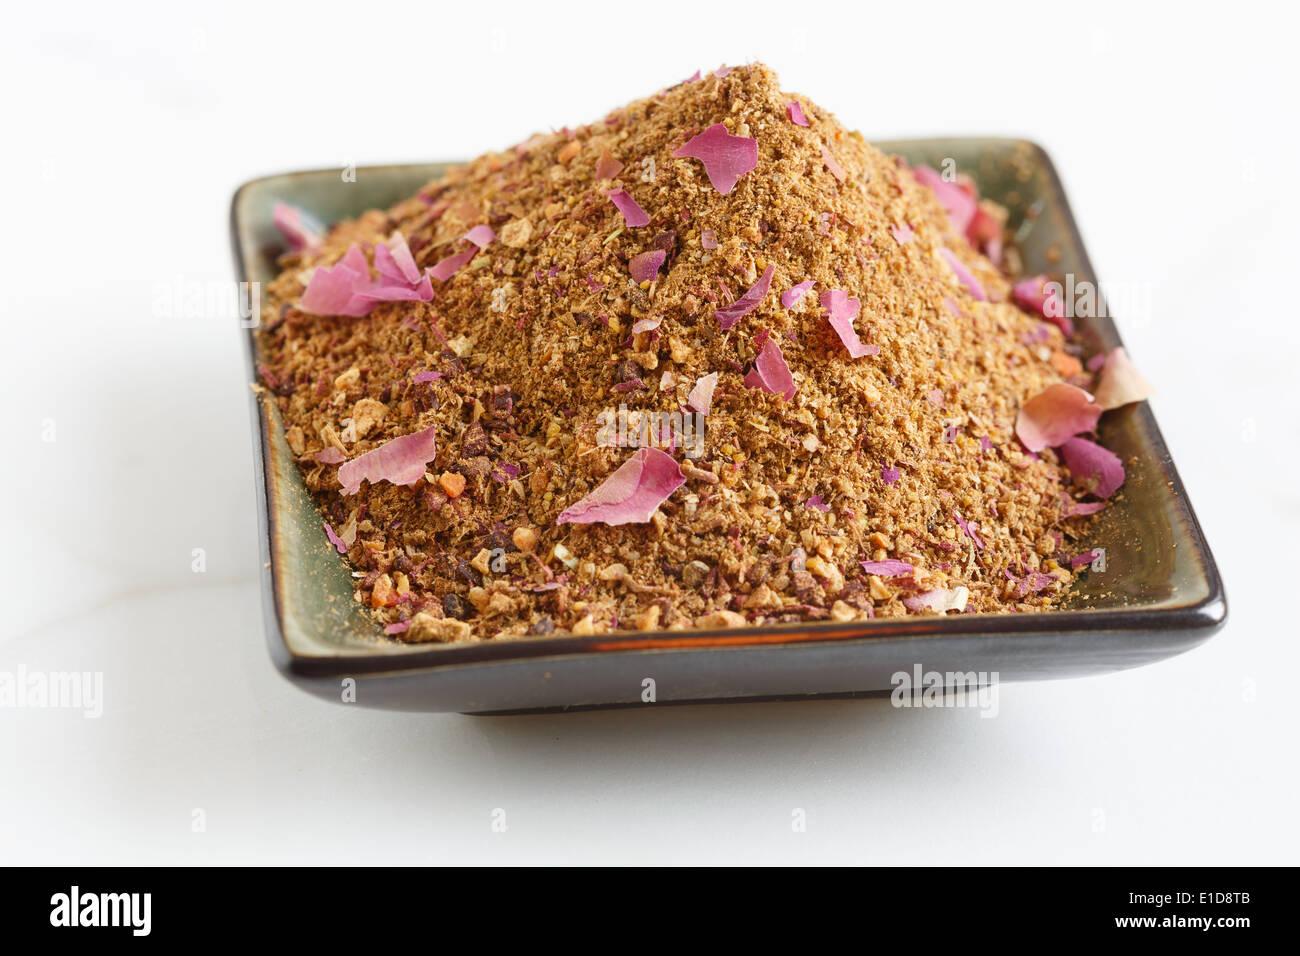 Mezcla de especias para el arroz en un cuenco Imagen De Stock